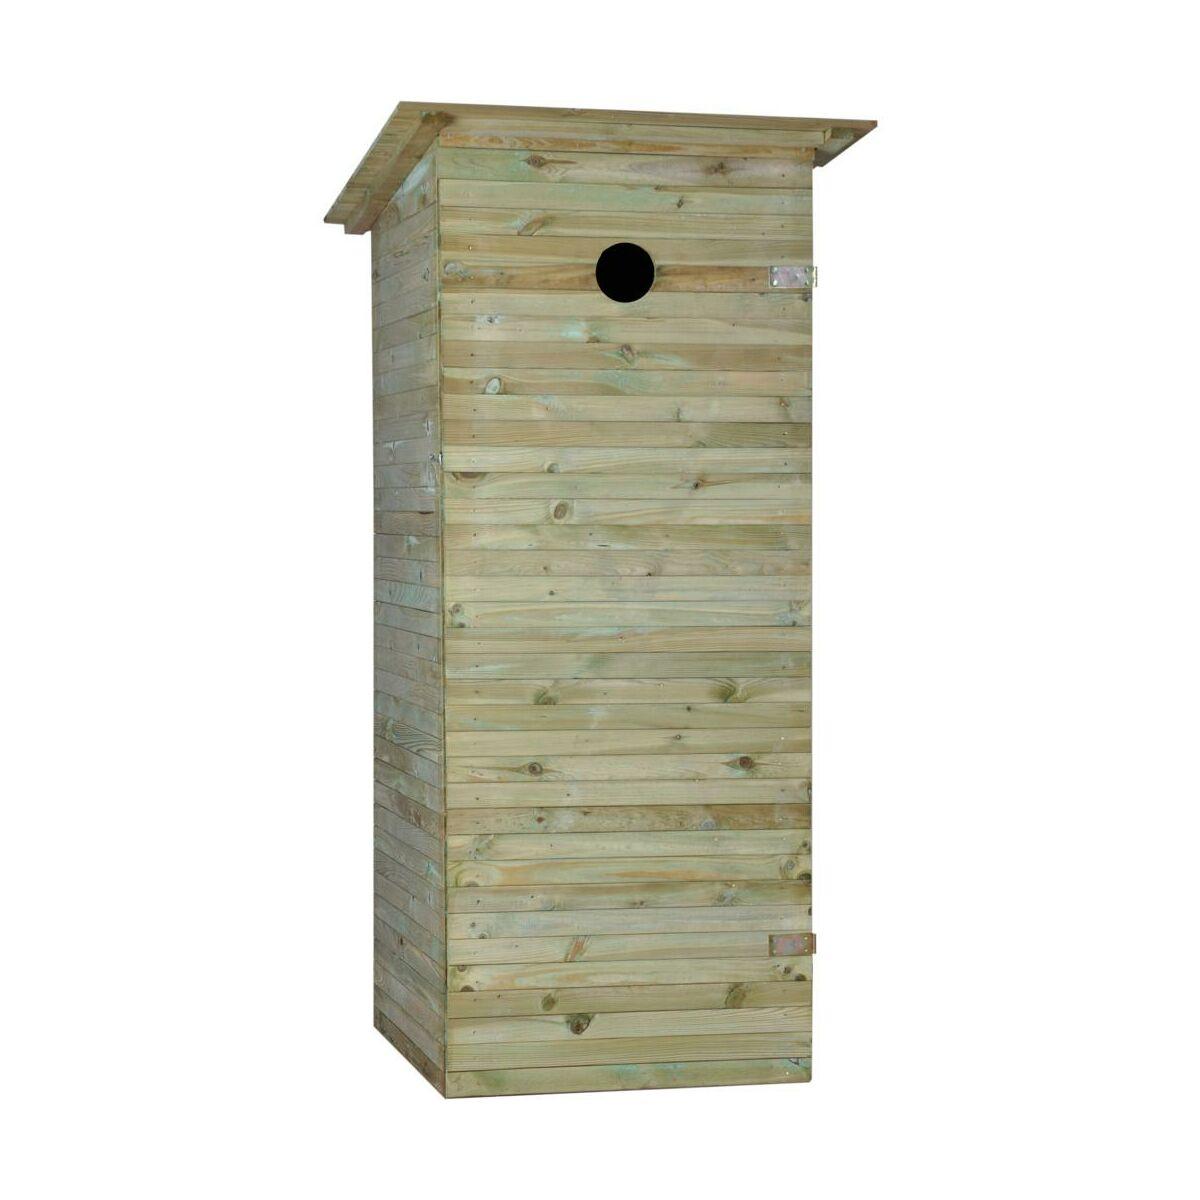 Rewelacyjny Toaleta 100 x 110 cm SOBEX - Domki ogrodowe i narzędziowe - w FK98